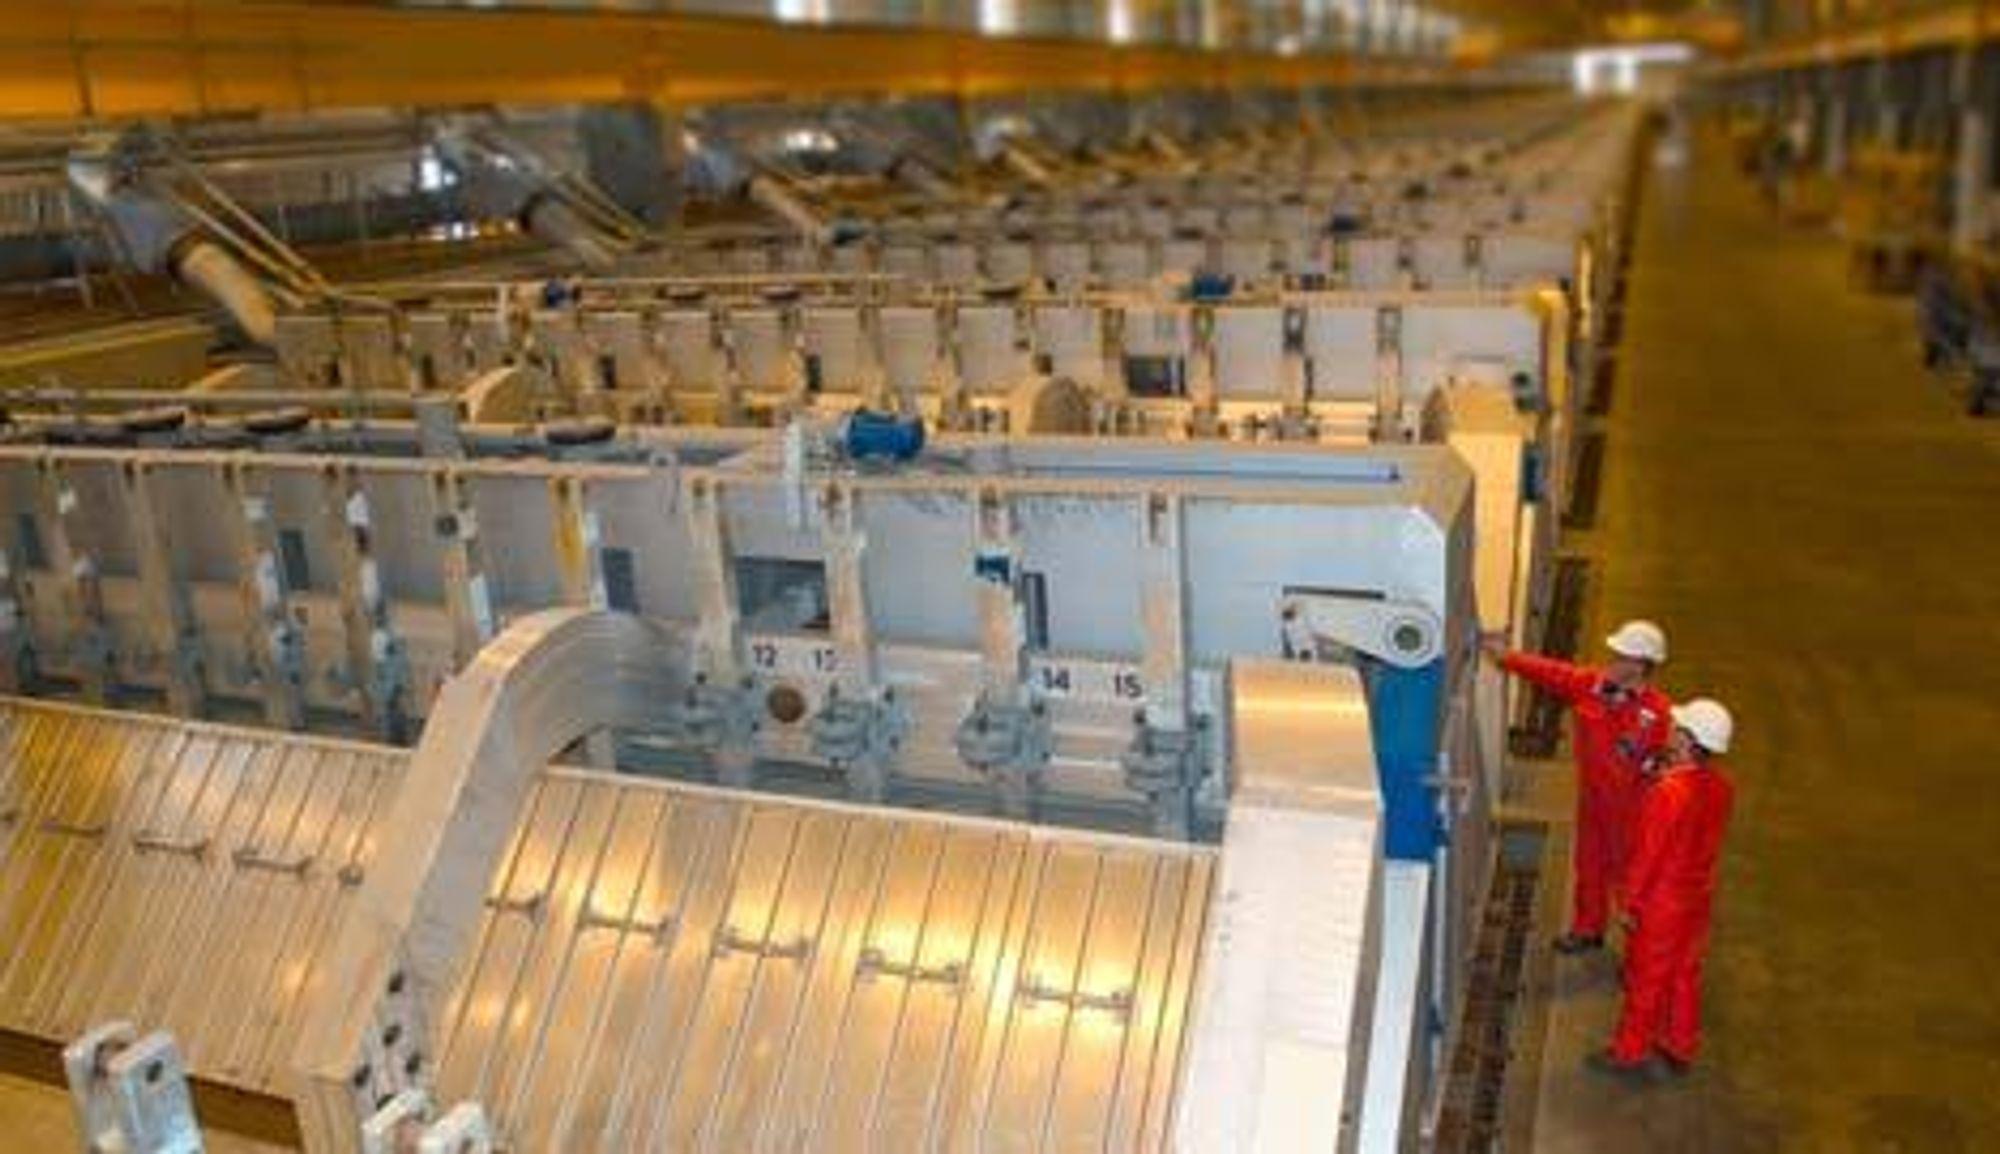 NORSK TEKNOLOGI: Hydros patenterte elektrolyse-teknologi skal brukes i den nye alumiuniumsfabrikken i Qatar. Det gir muligheter for norsk leverandørindustri: FOTO: HYDRO